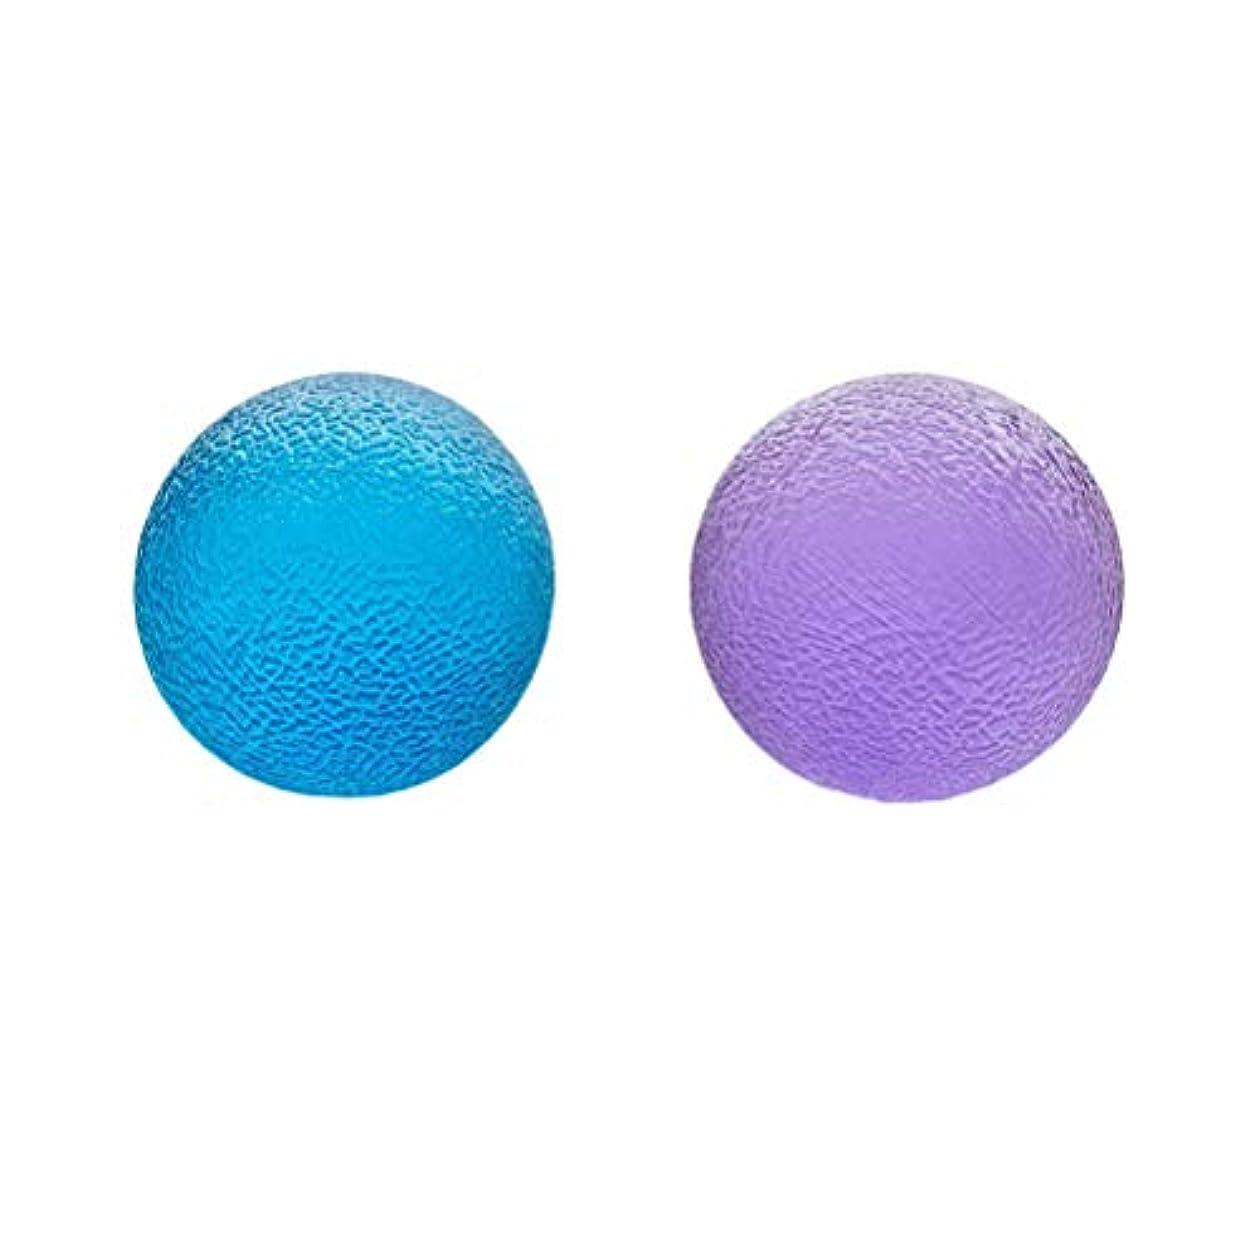 スキル受け皿モックSUPVOX 2本ハンドグリップ強化ツールワークアウトグリップ強度トレーナーボール強化ツール関節炎指ハンド(ブルーパープル)